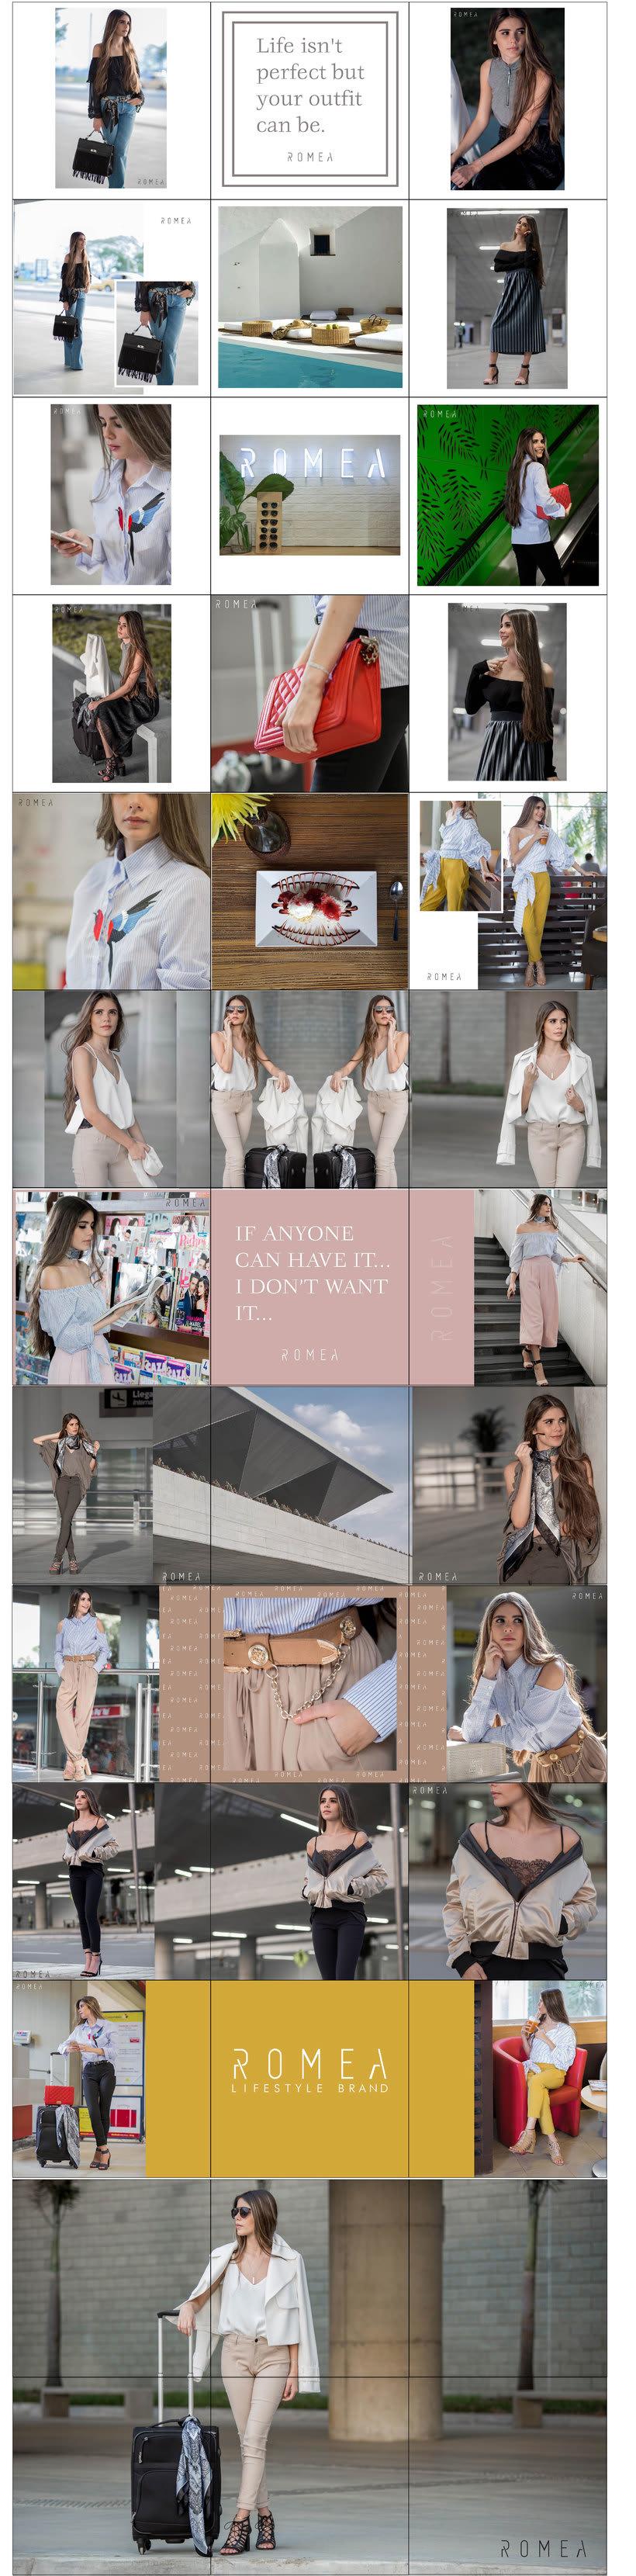 Mi proyecto del curso: Fotografía para redes sociales de la marca ROMEA -1